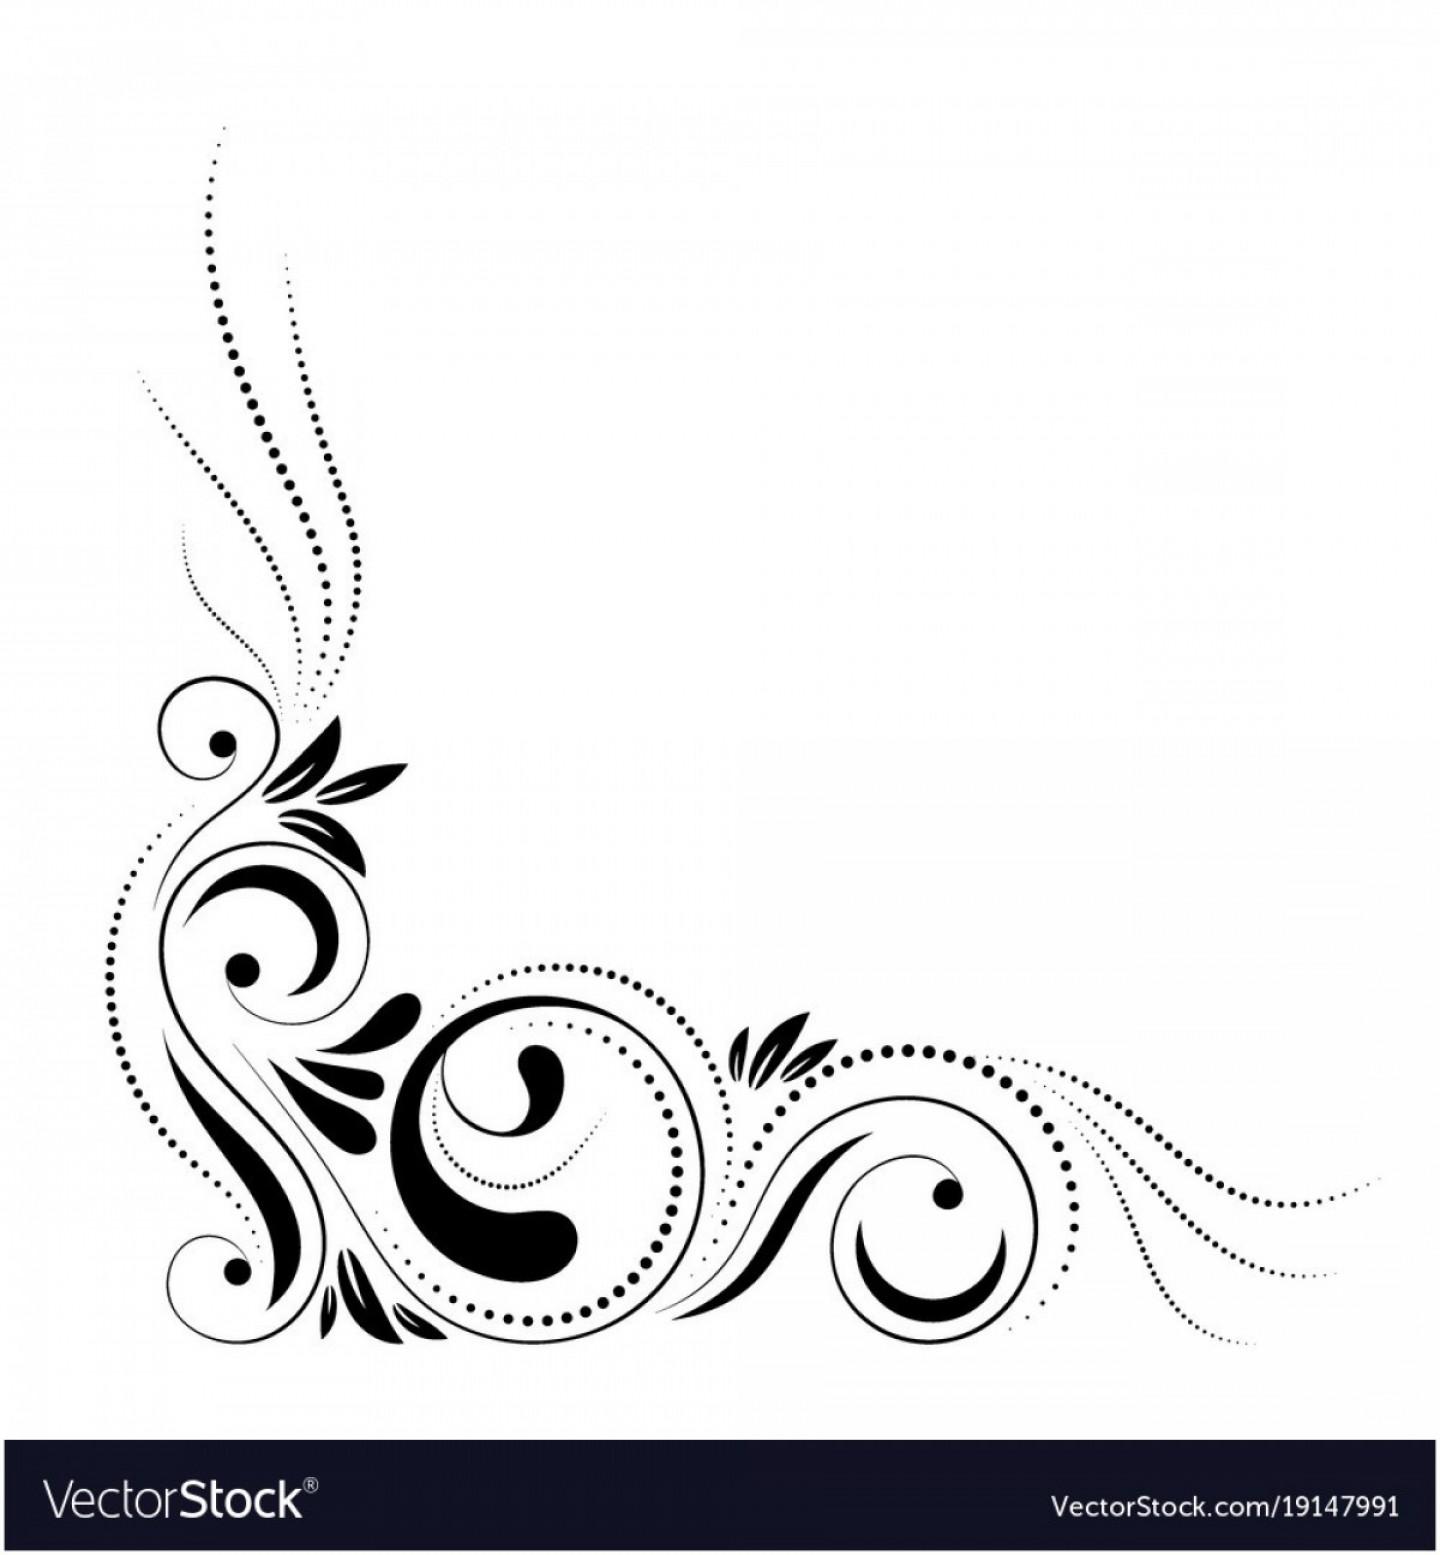 Swirl Graphic Hd Picture Art Design Clipart Red Border.